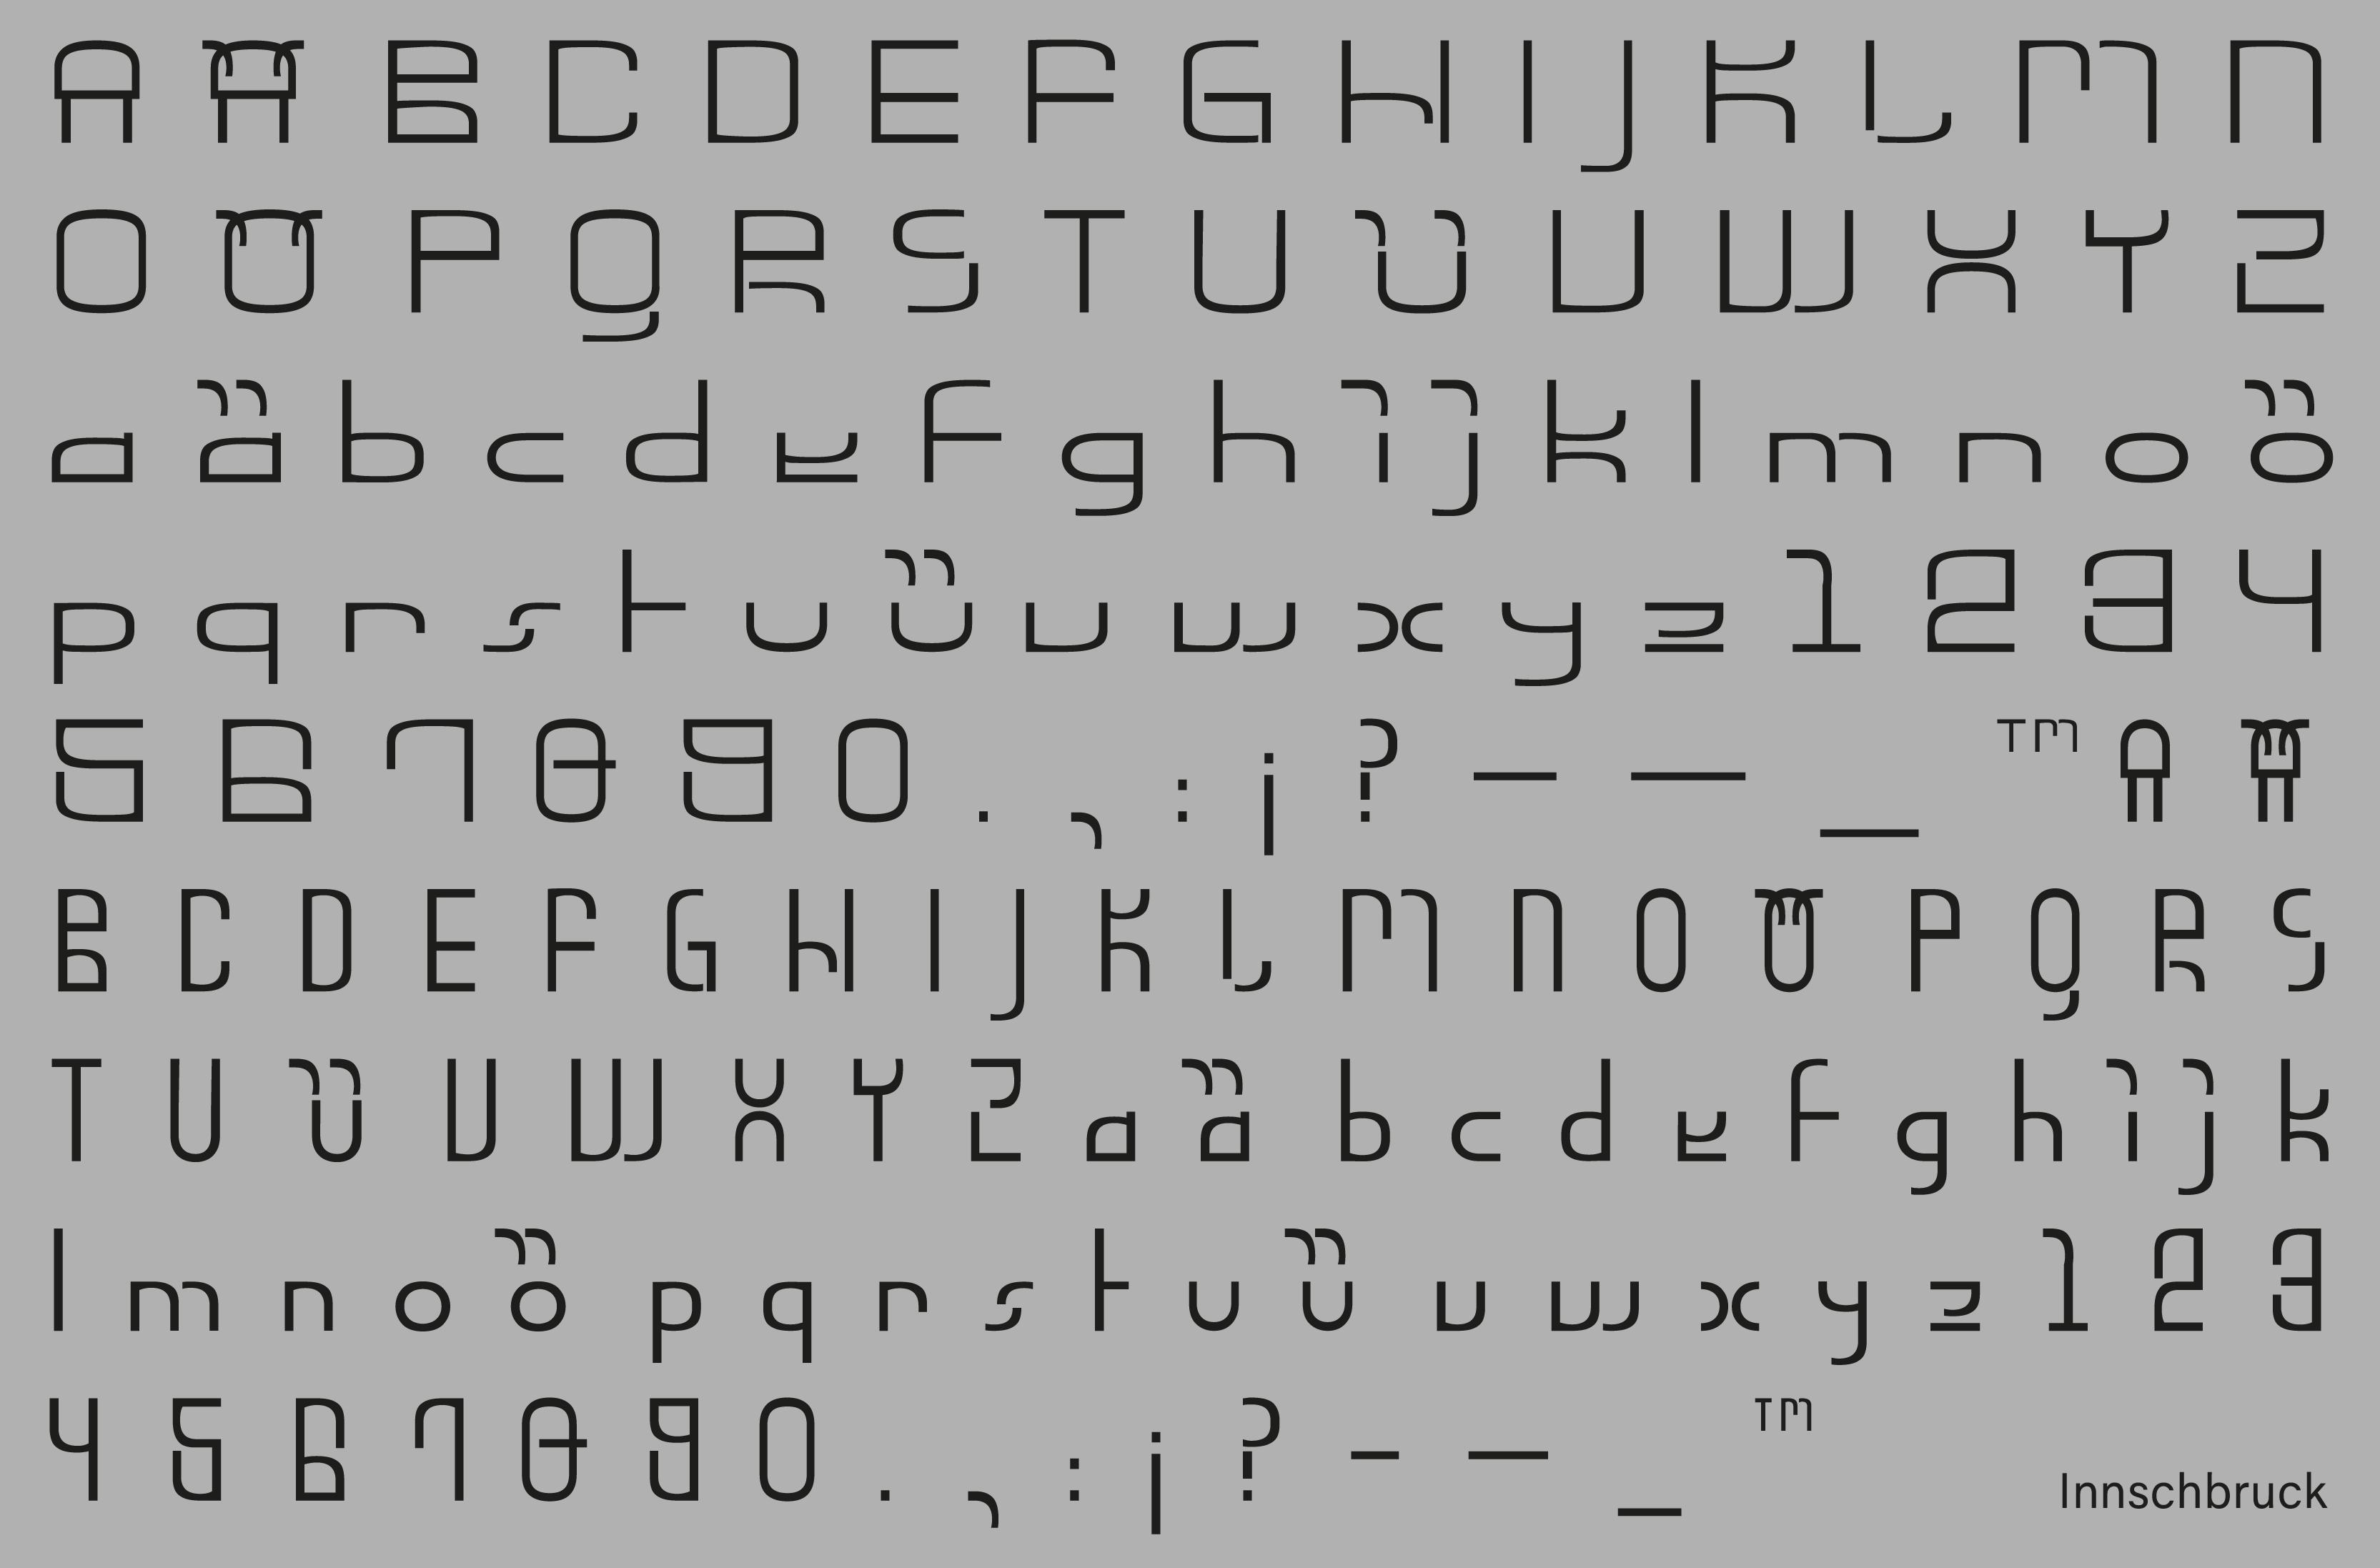 Innschbruck Variable Font Glyphs